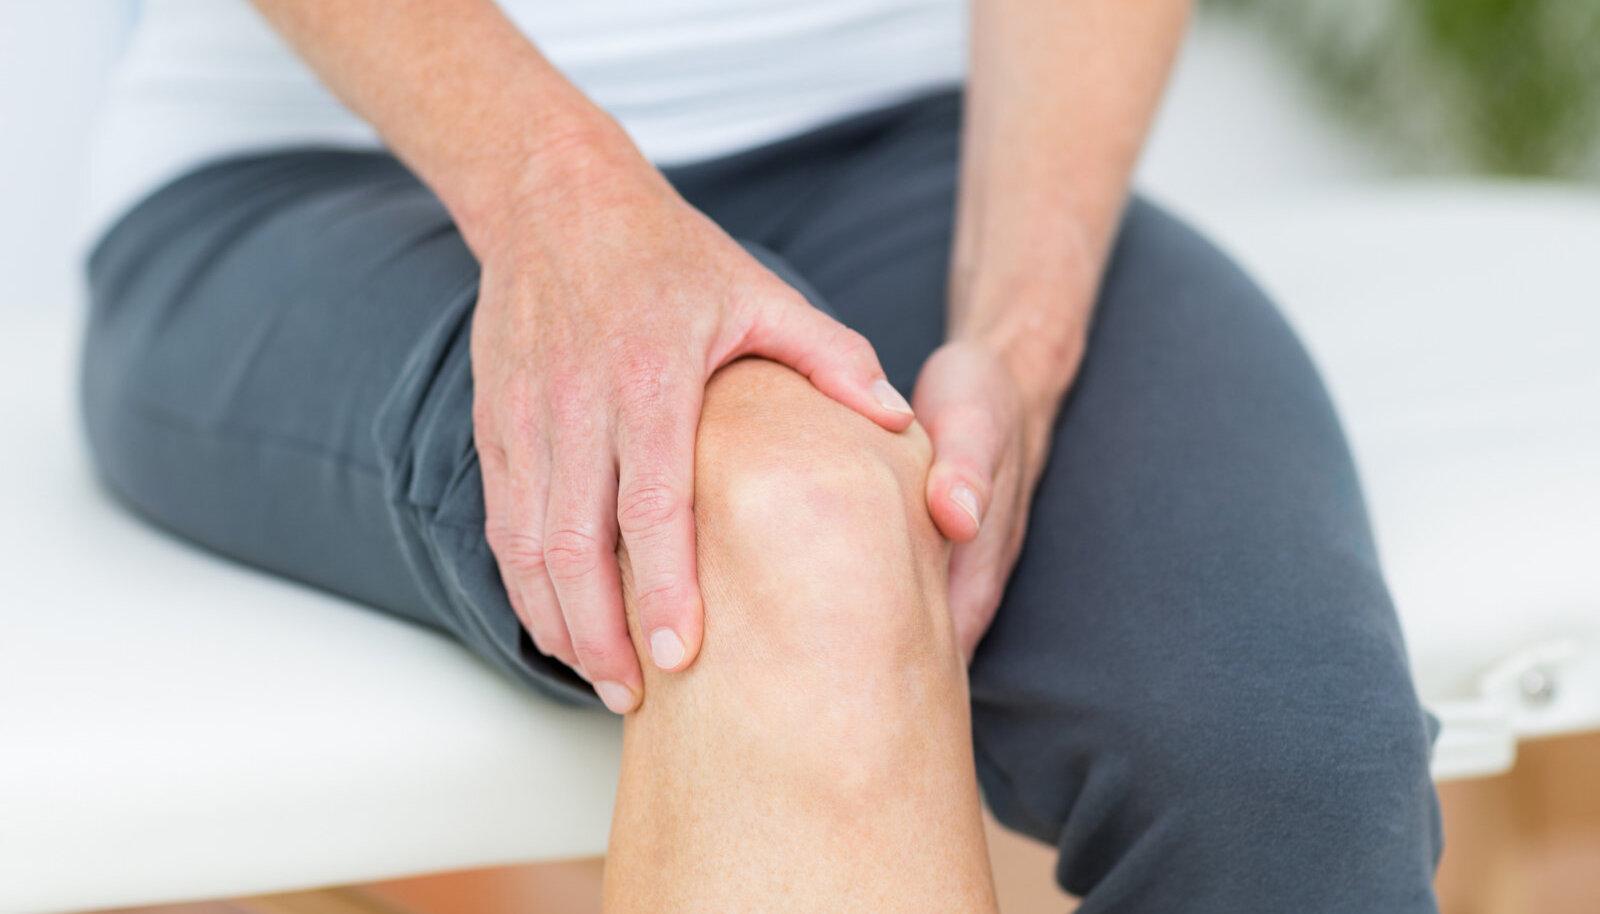 Tagasi valutab maksa Millised salvid ravivad artroosi